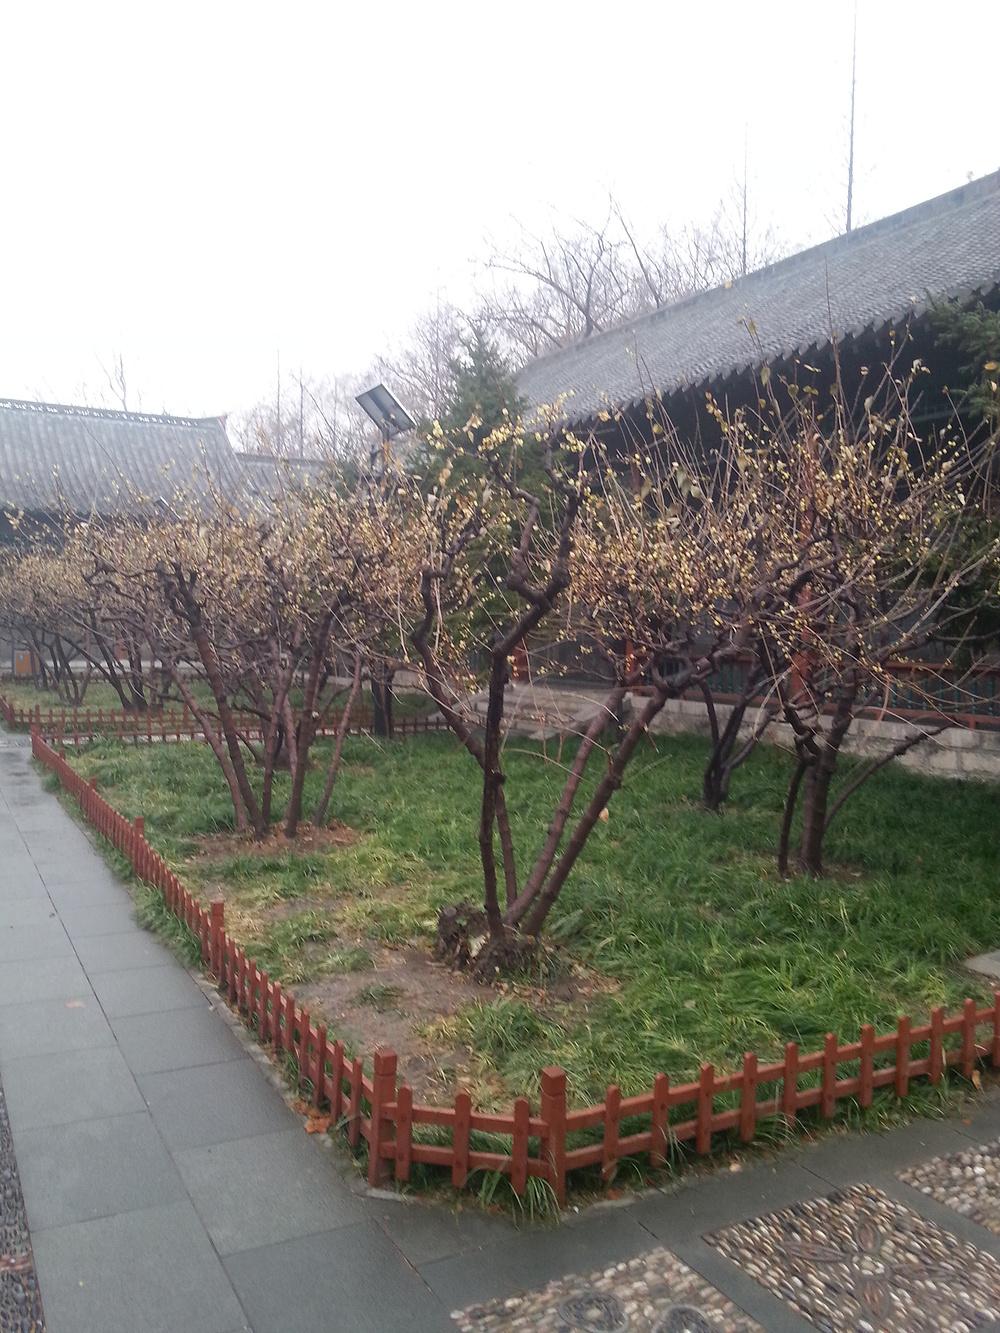 冬游济南,恋一树清香攻略-济南旅游游记-攻略-武汉到腊梅三亚图片